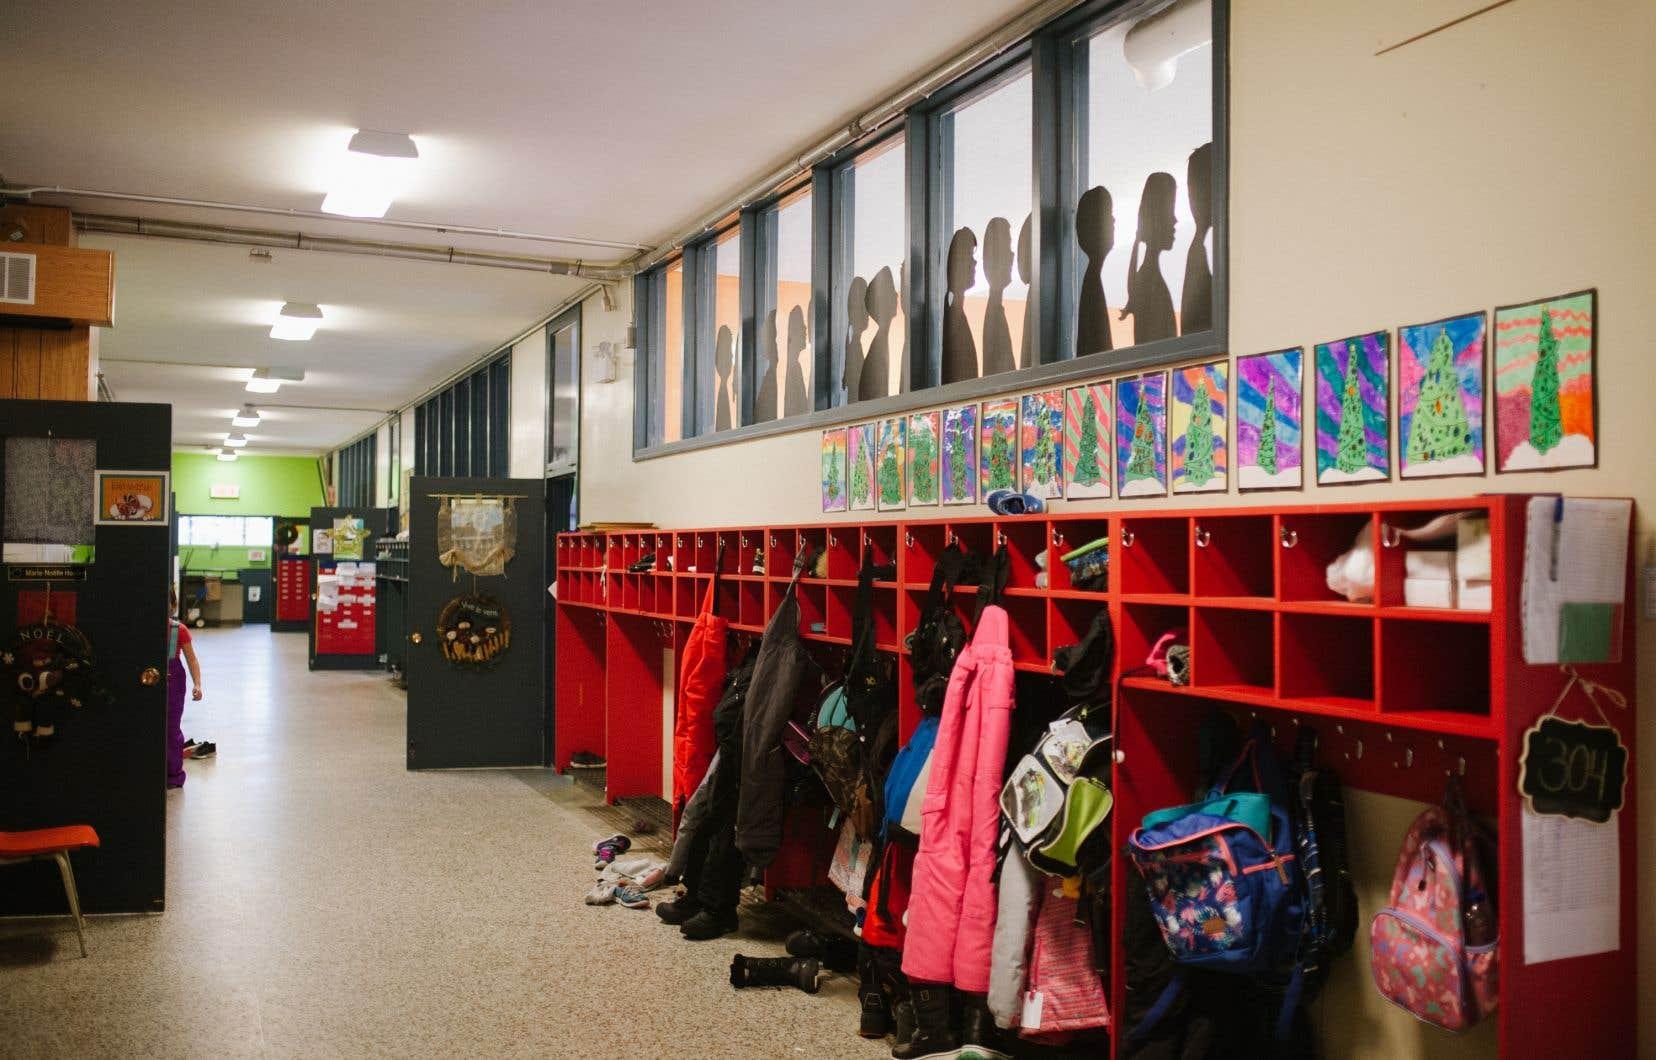 Selon les enseignantes interrogées, il est impossible de se tenir en tout temps à deux mètres des élèves.